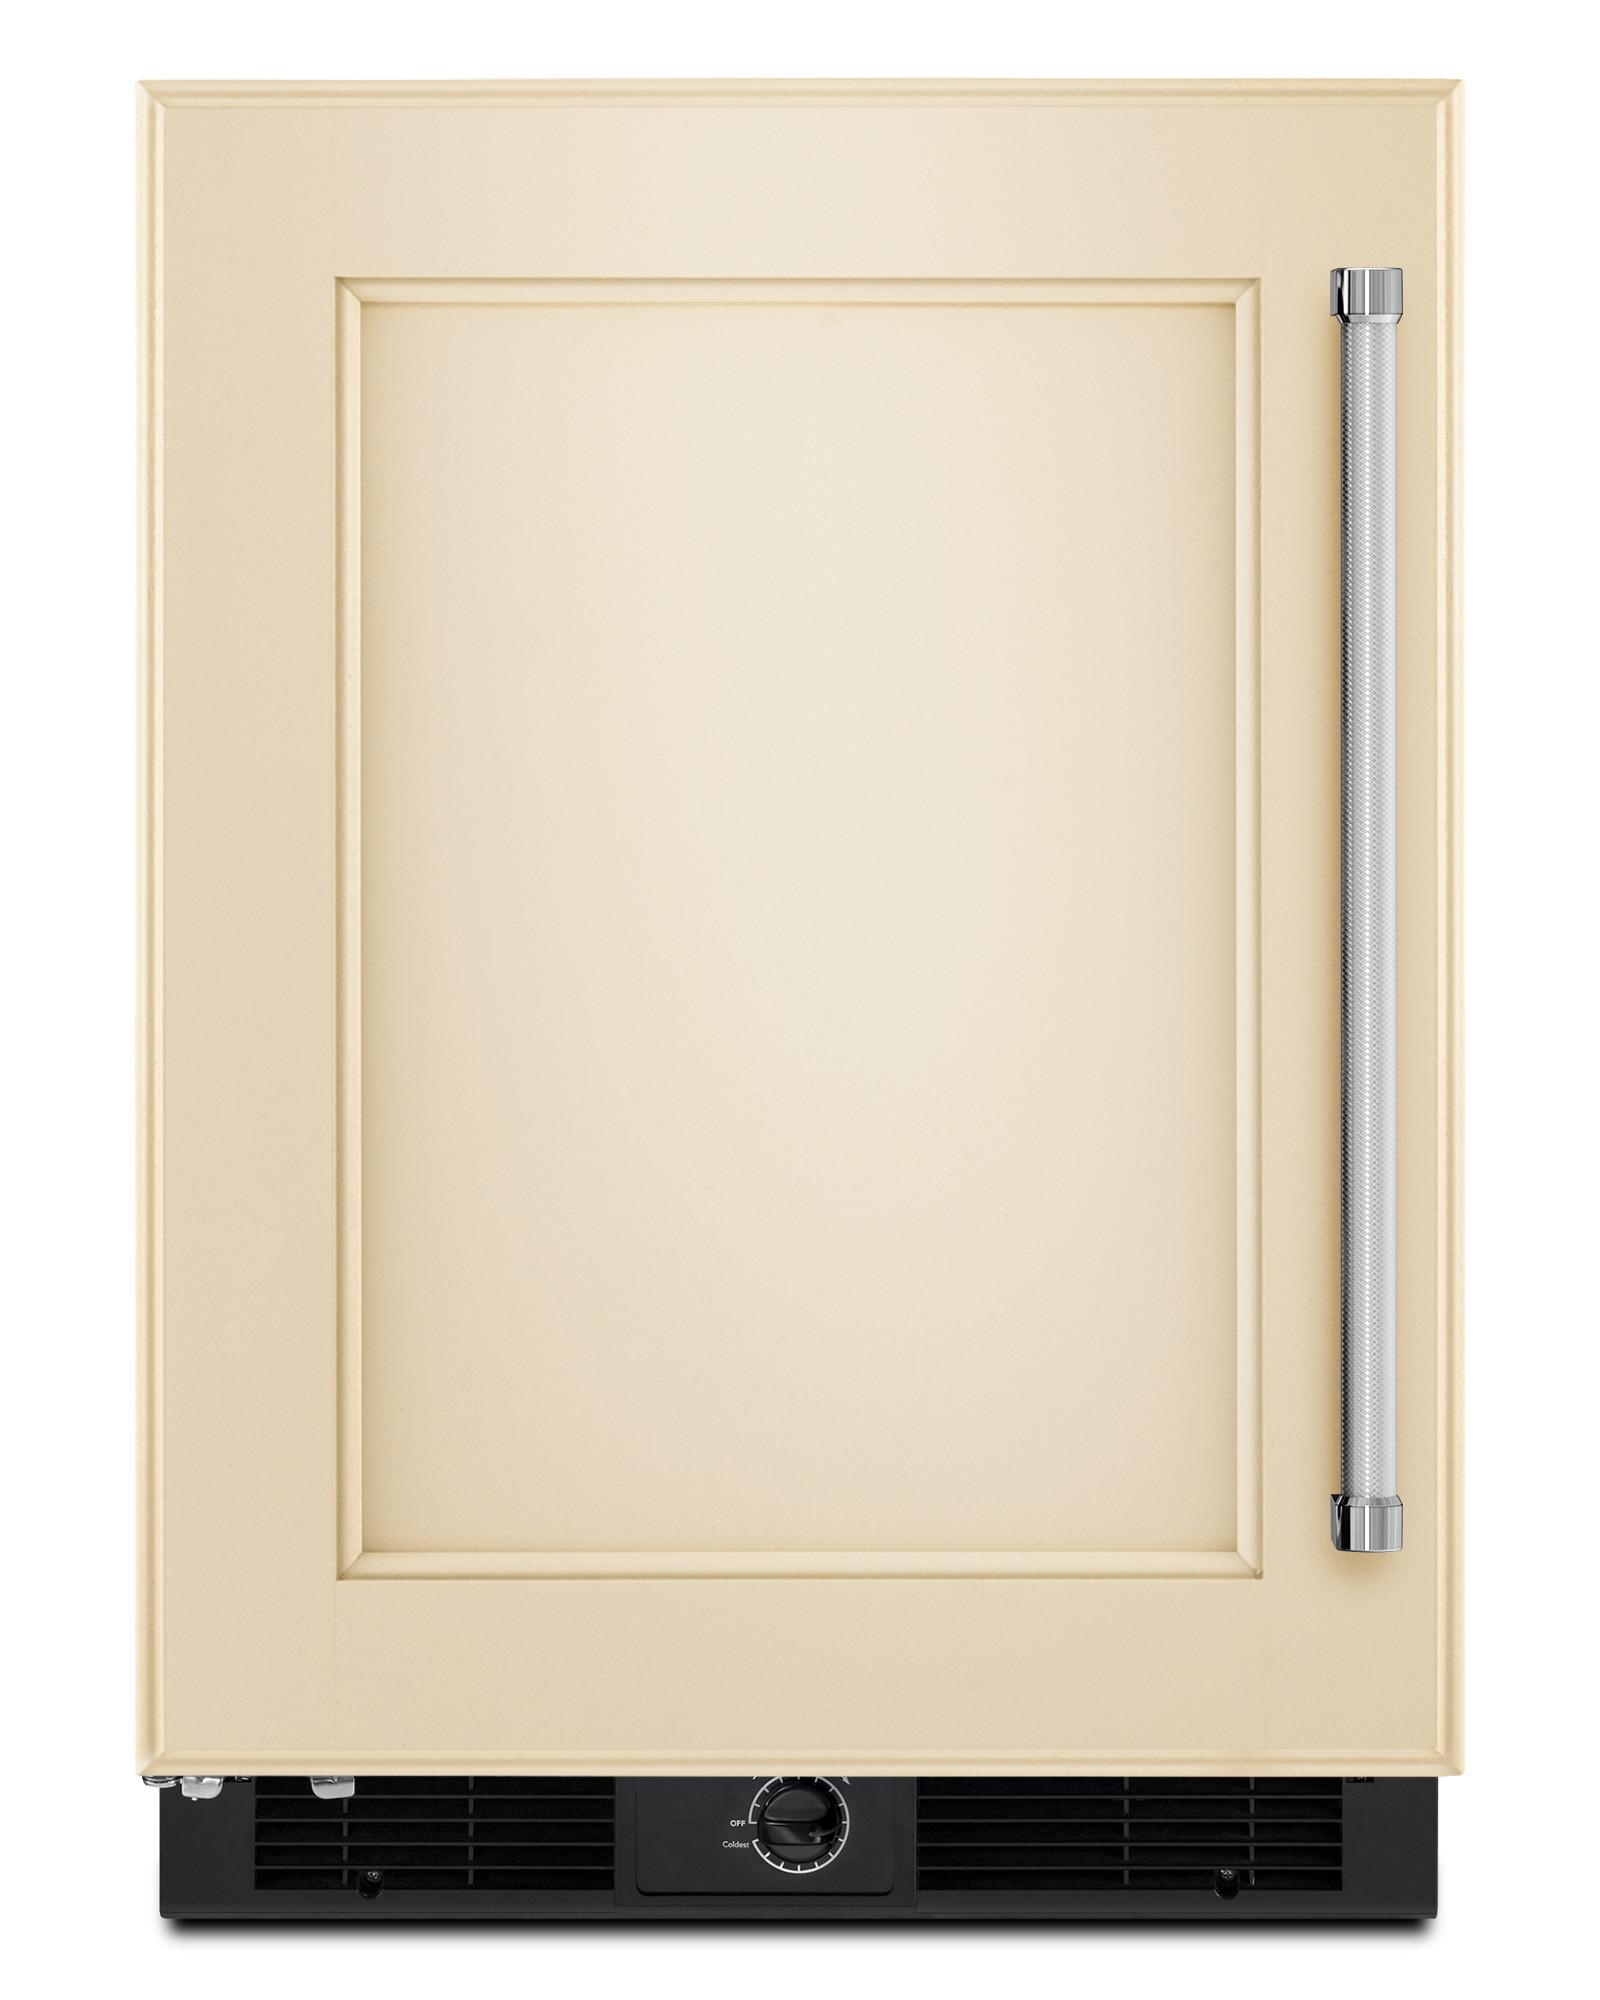 KitchenAid KURL104EPA 4.9 cu. ft. Undercounter Refrigerator - Panel Ready